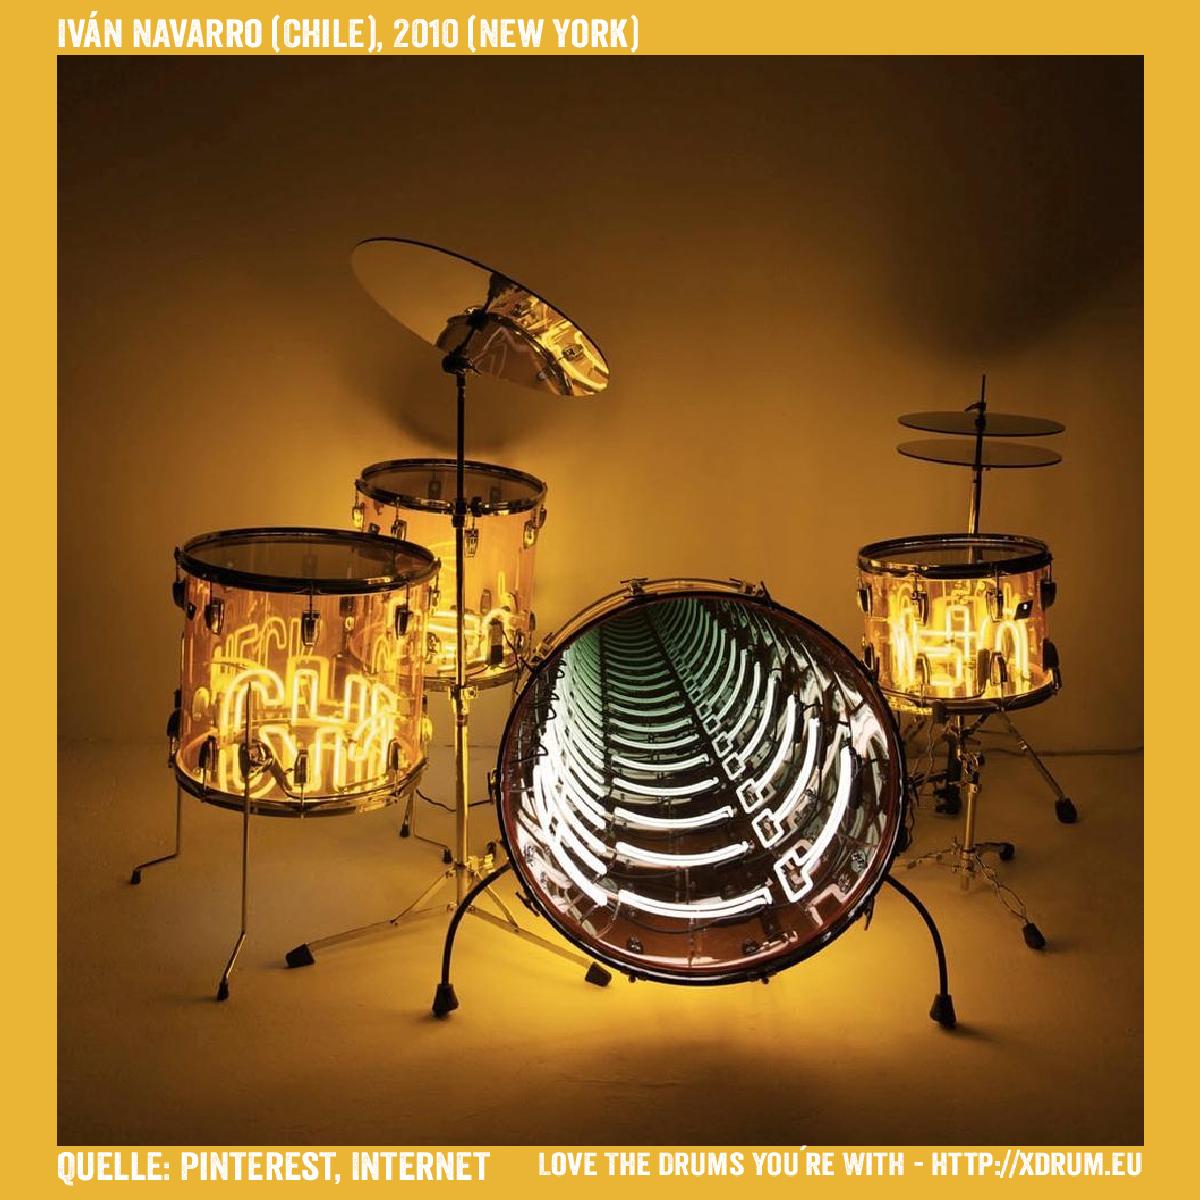 Iván Navarro - Acryl Drumset mit Lichtinstallation (Quelle: Pinterest, Internet), Jahr 2010